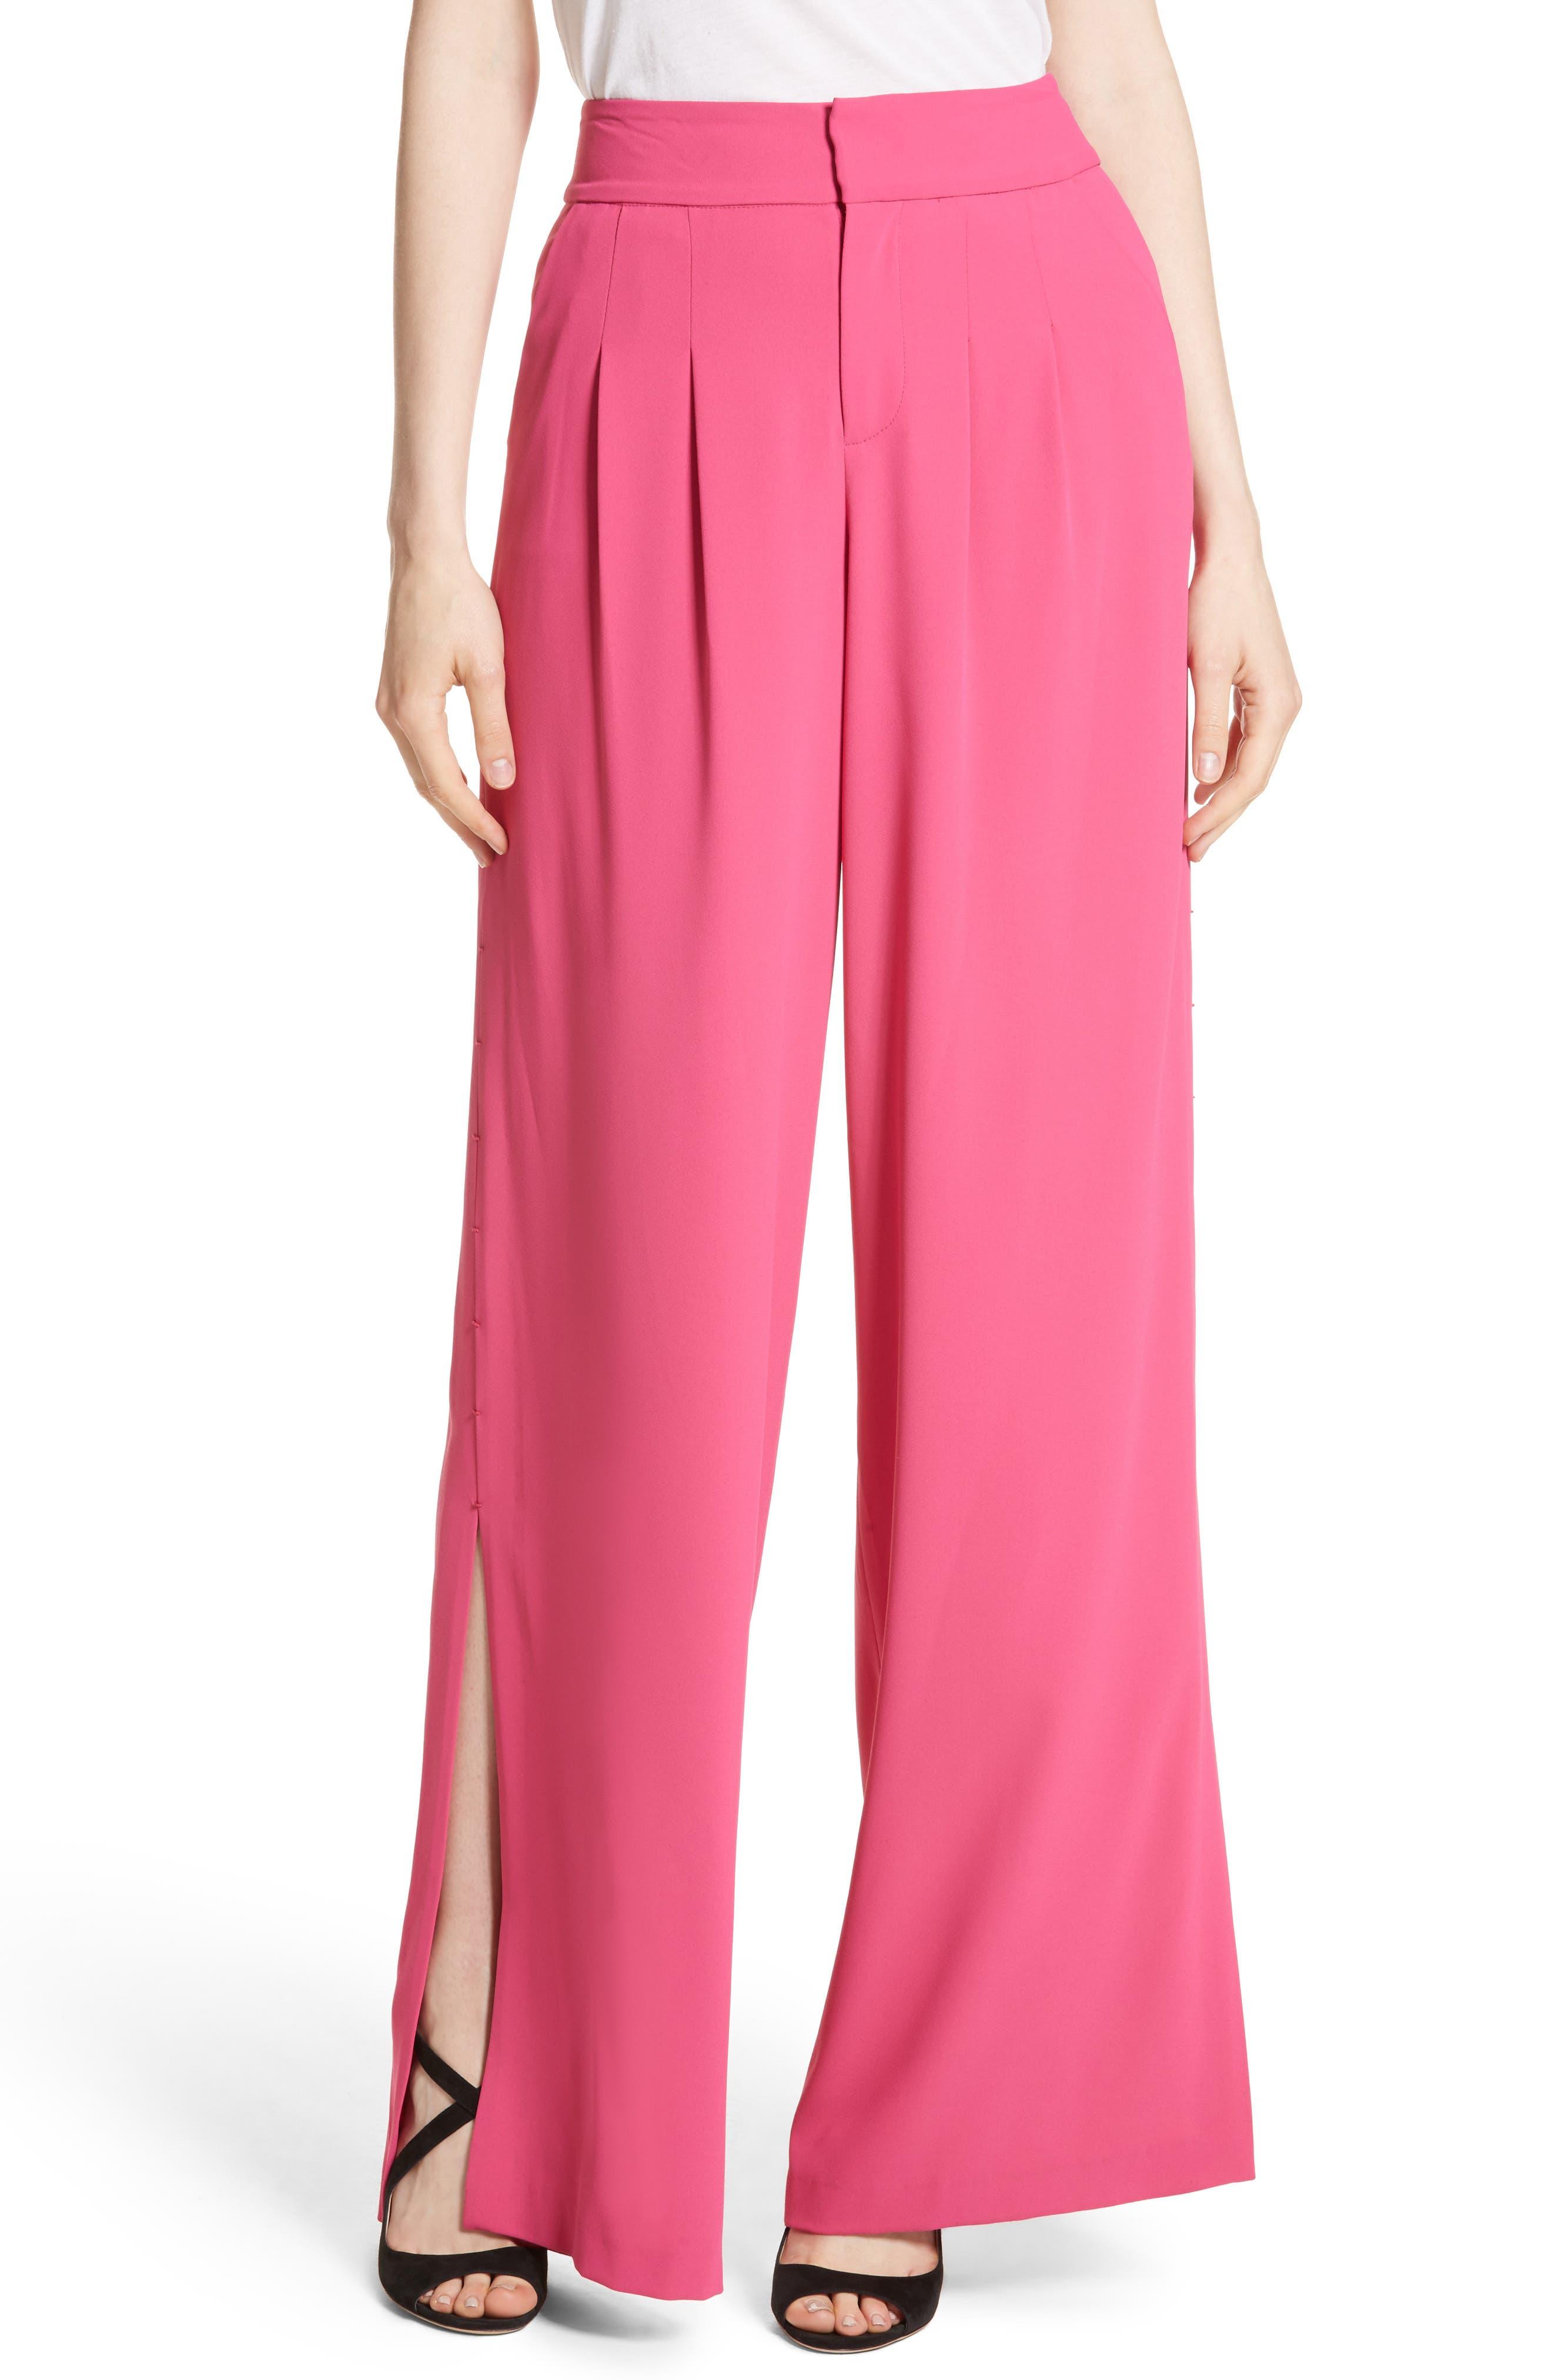 Alice + Olivia Shavon High Waist Side Slit Flare Pants